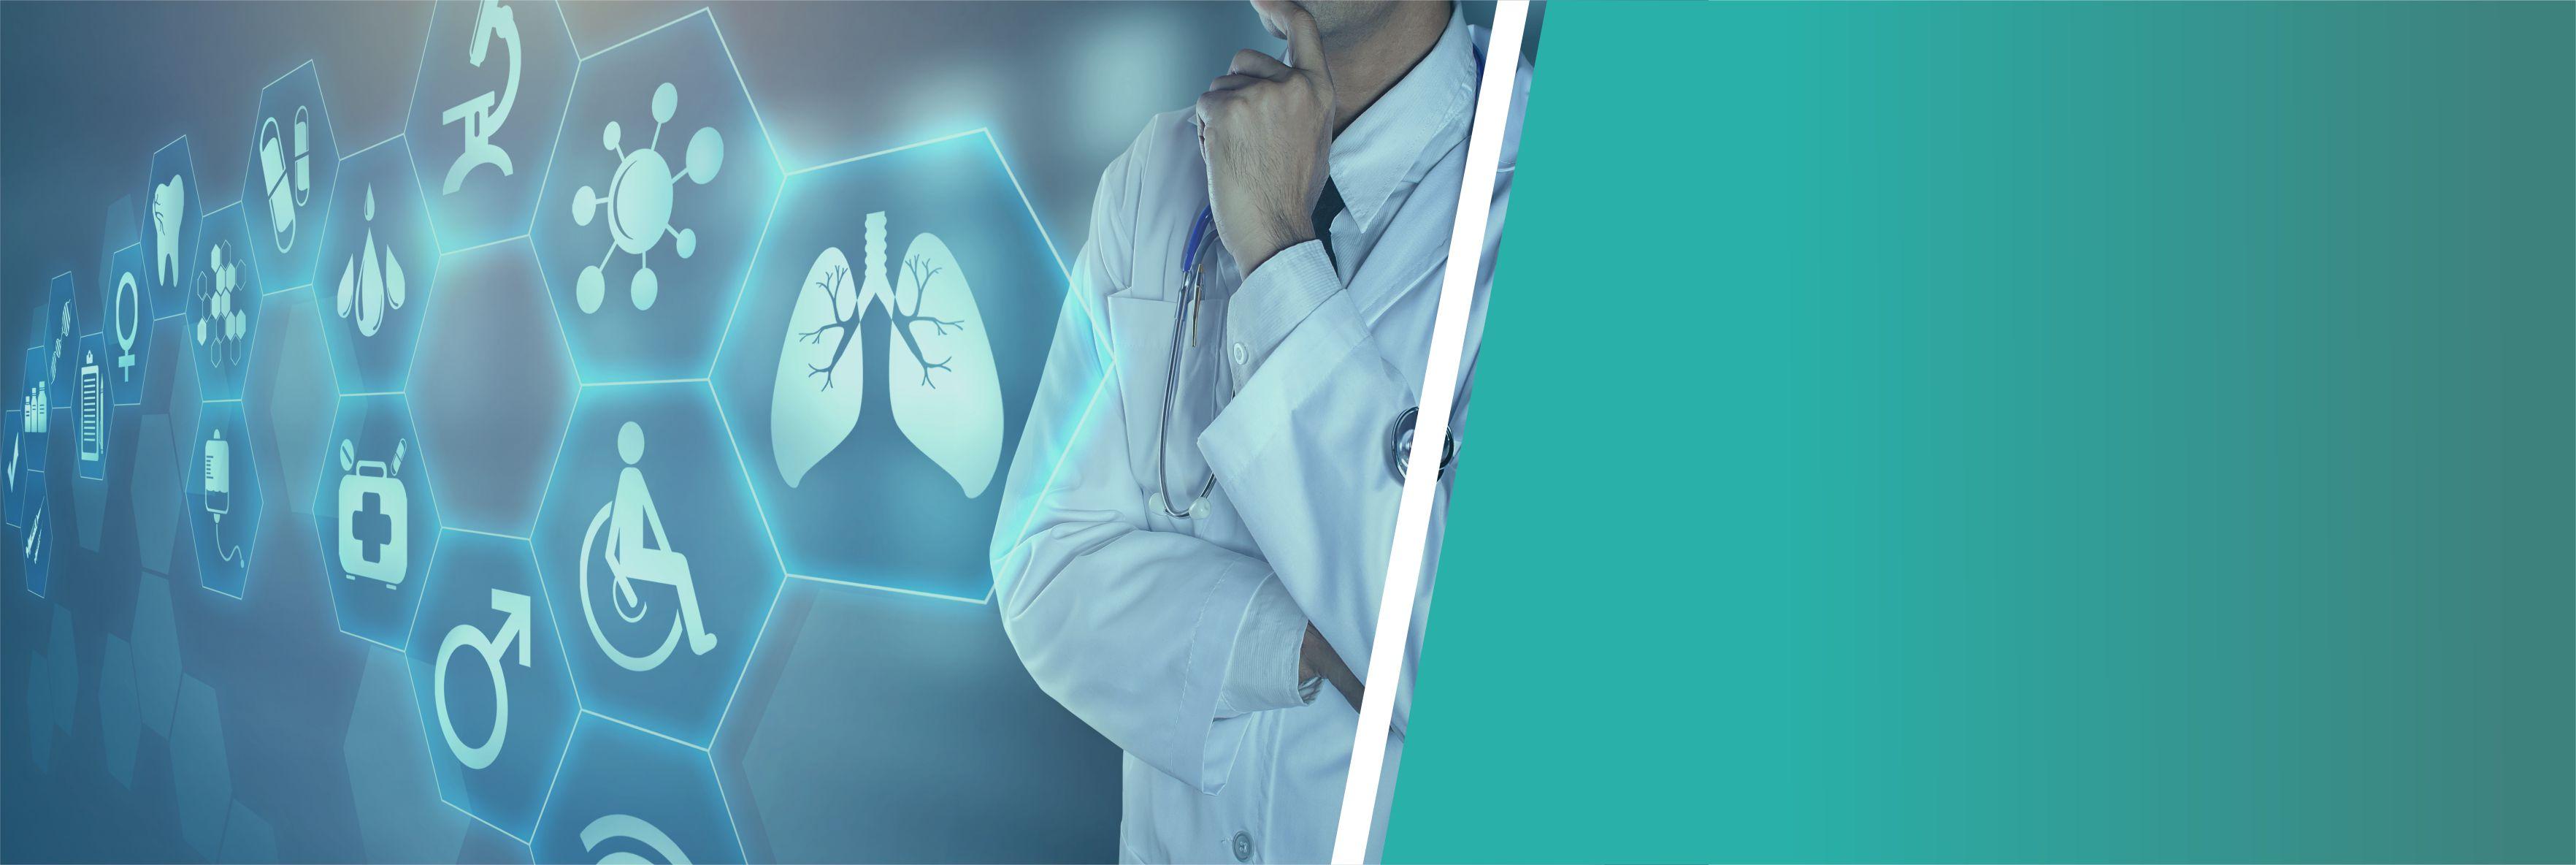 BIS Healthcare Market